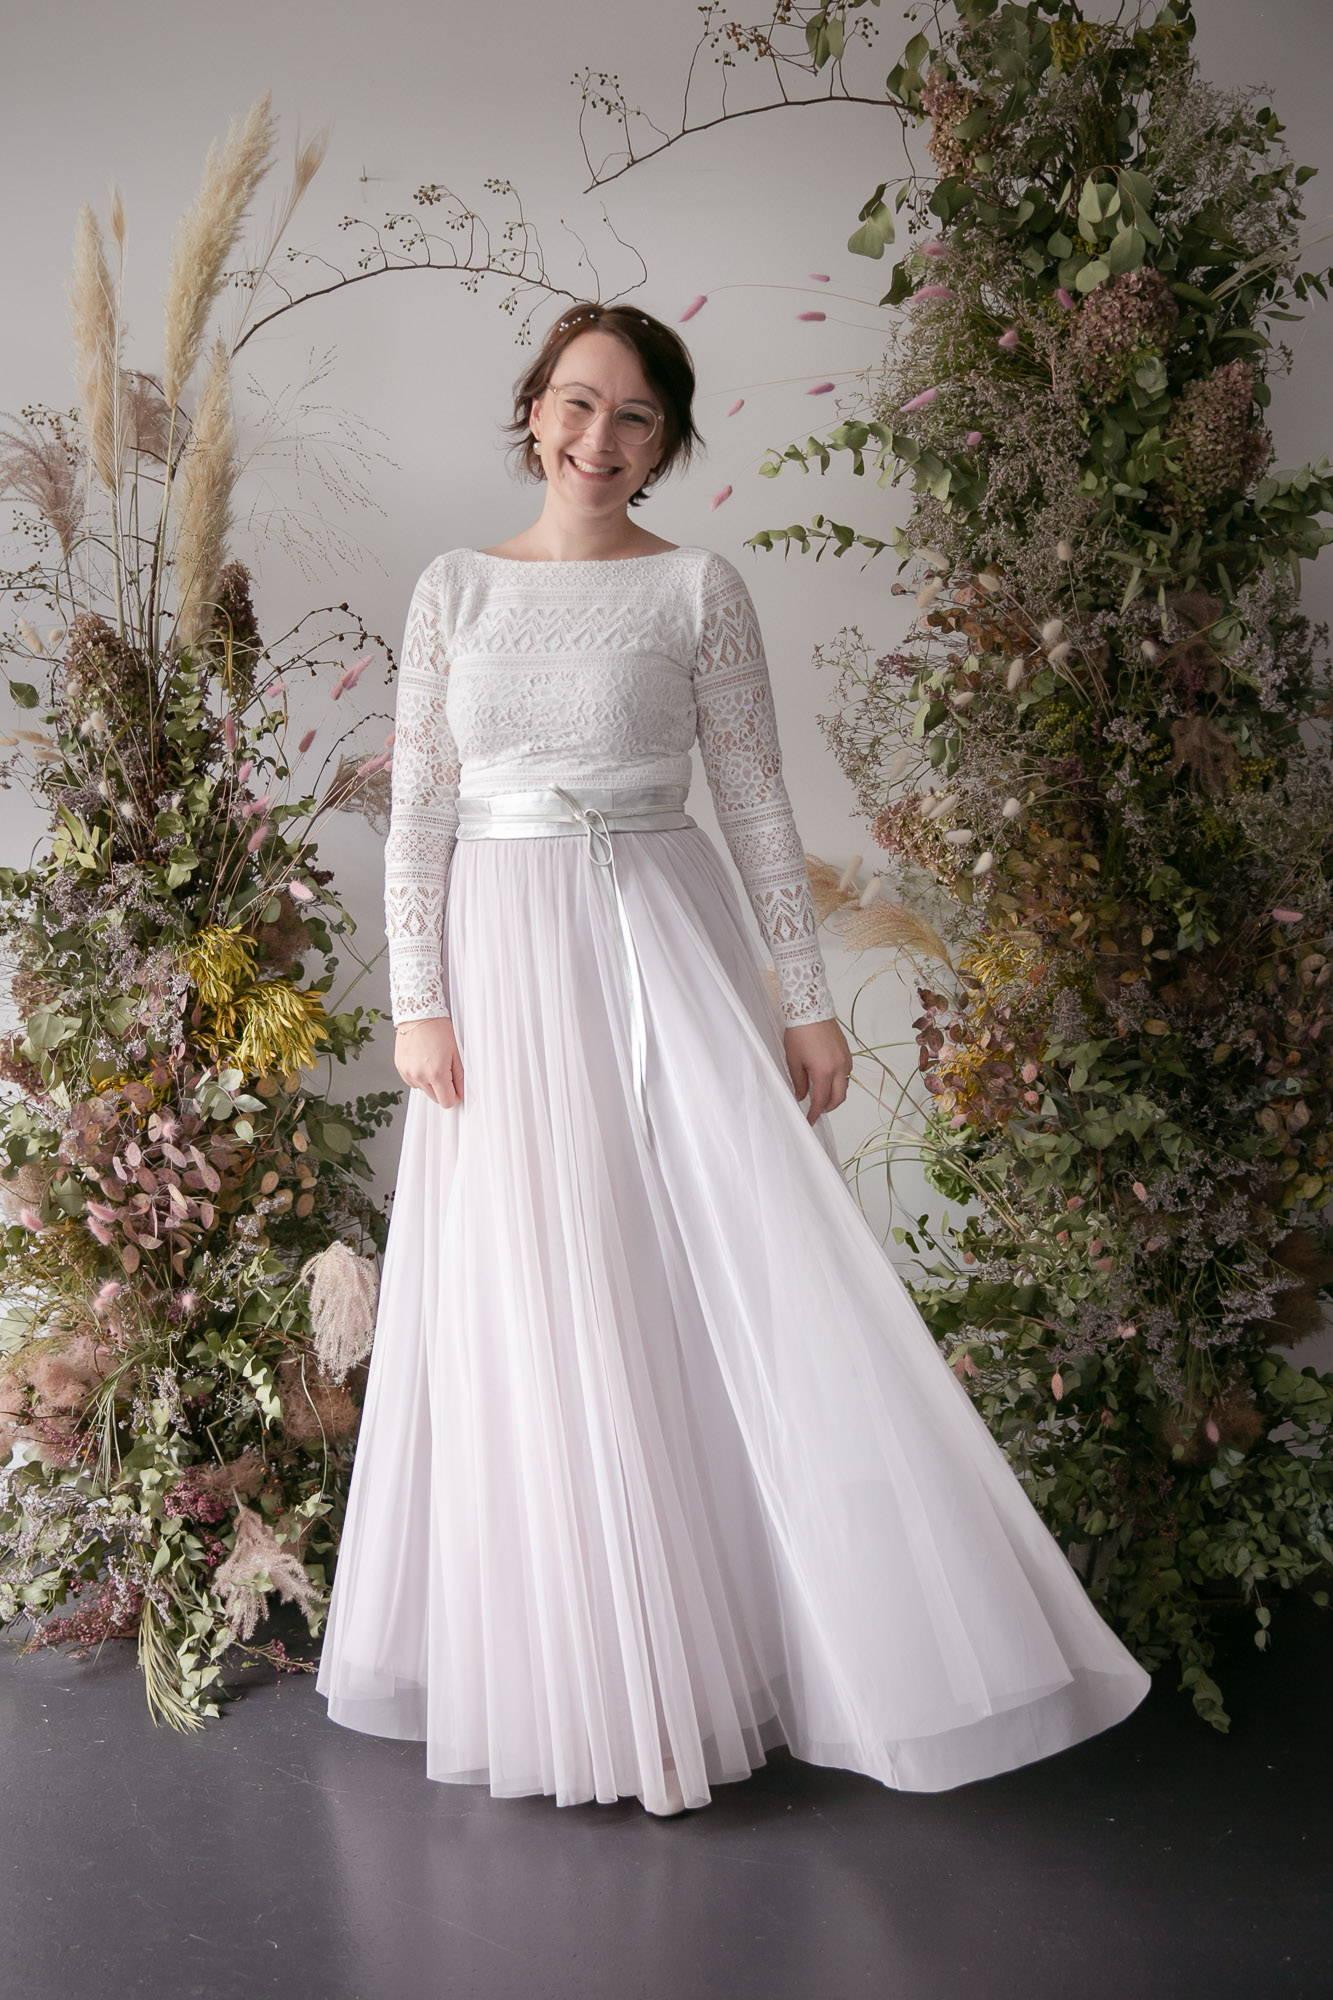 noni Brautkleider, moderne Brautkleid-Kombination aus rückenfreiem Body und langem Softtüllrock